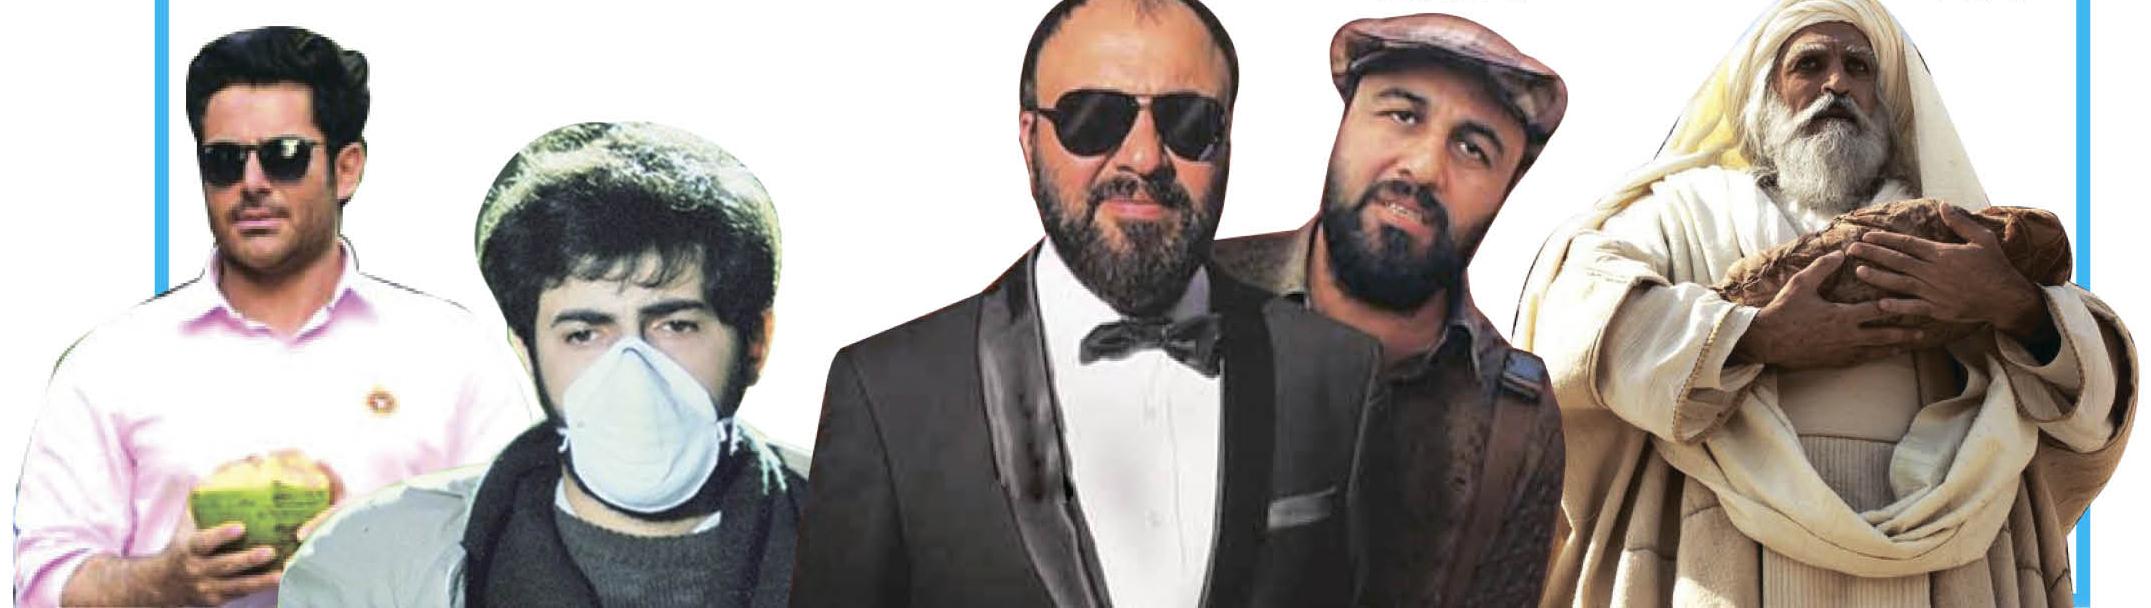 مروری بر فیلمهای ایرانی در خارج از کشور فیلمبرداری شدند